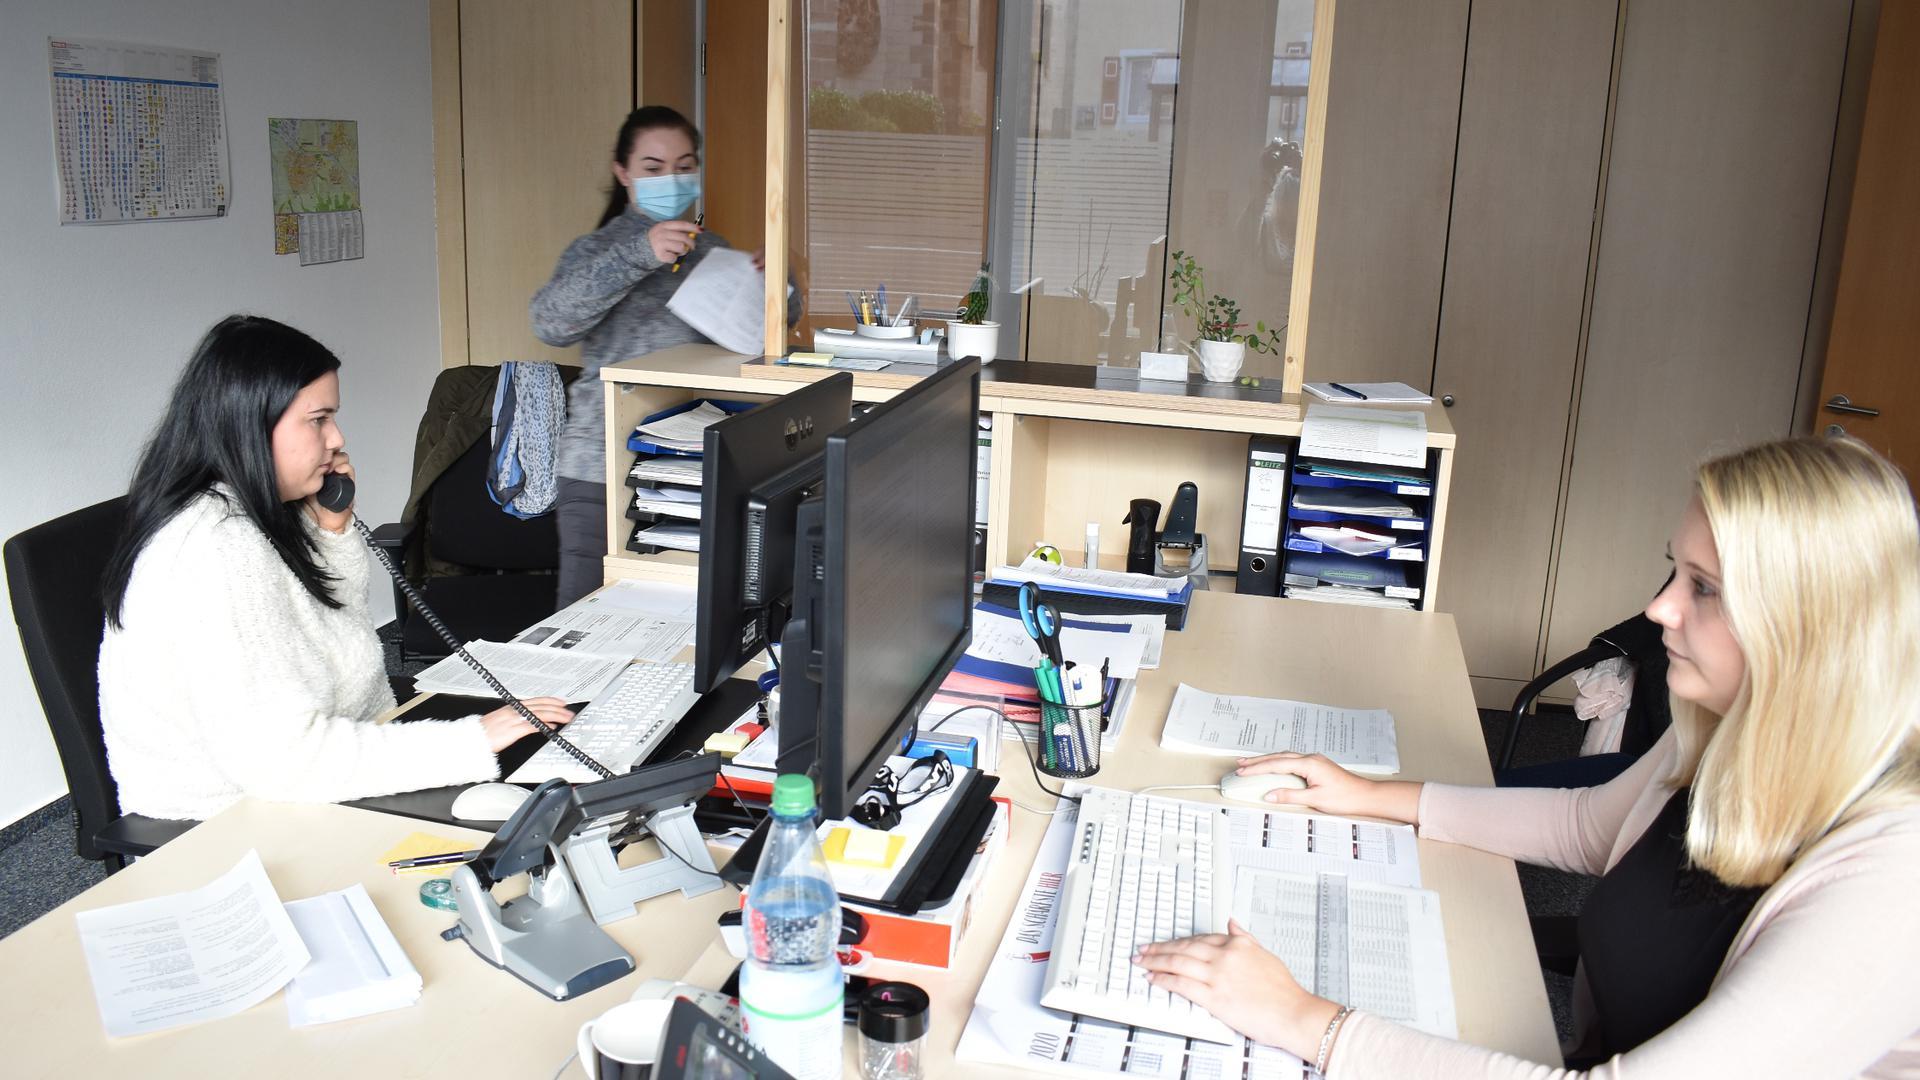 Drei Frauen in einem Büro